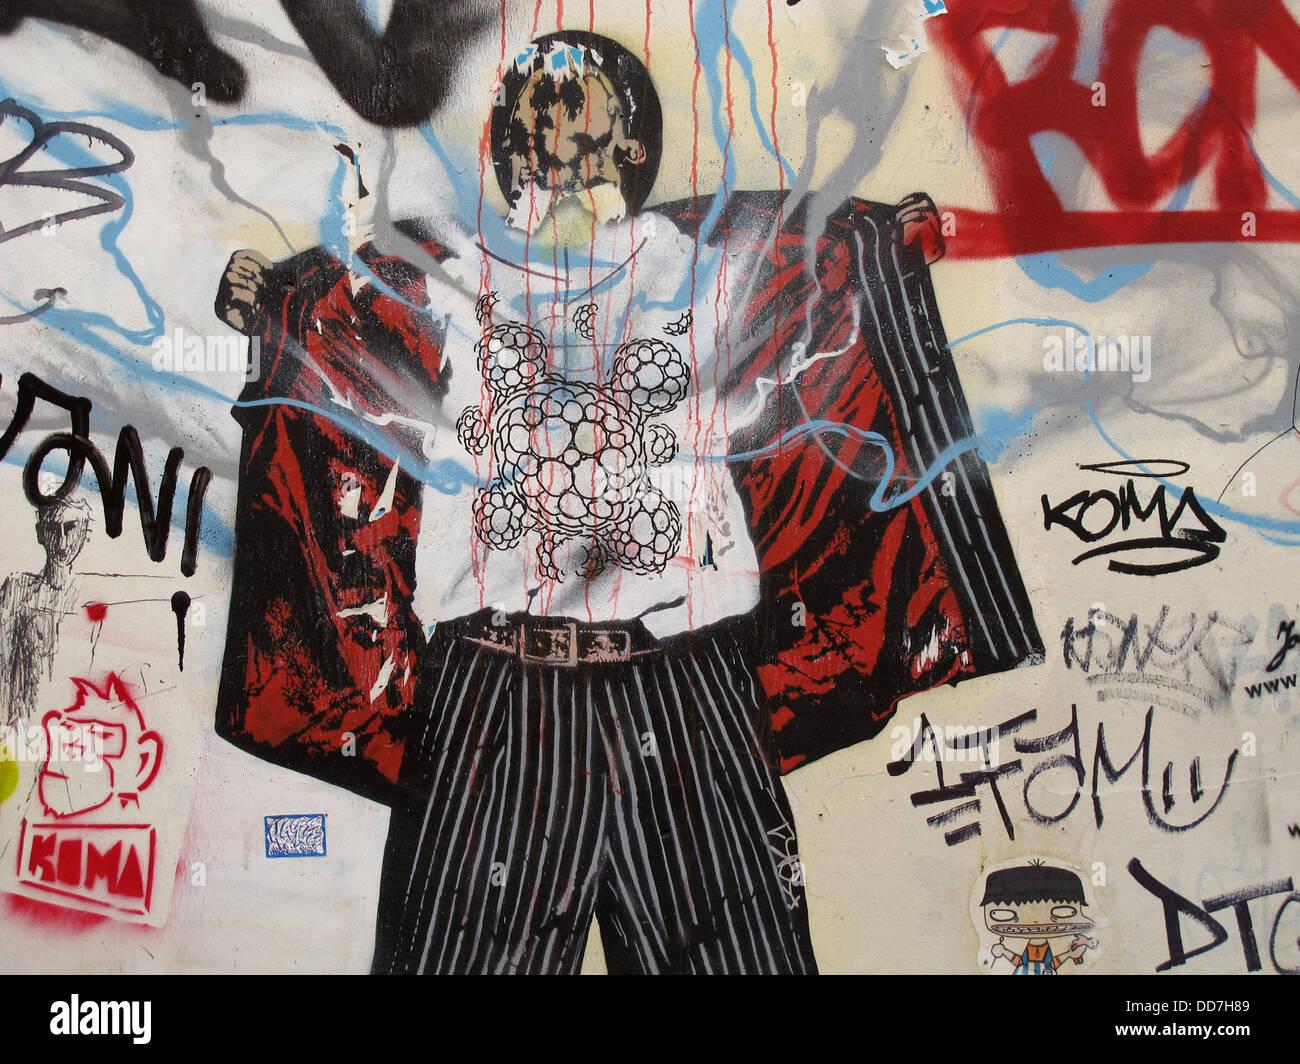 Graffitis at Saint Germain des Pres,Paris,France Stock Photo